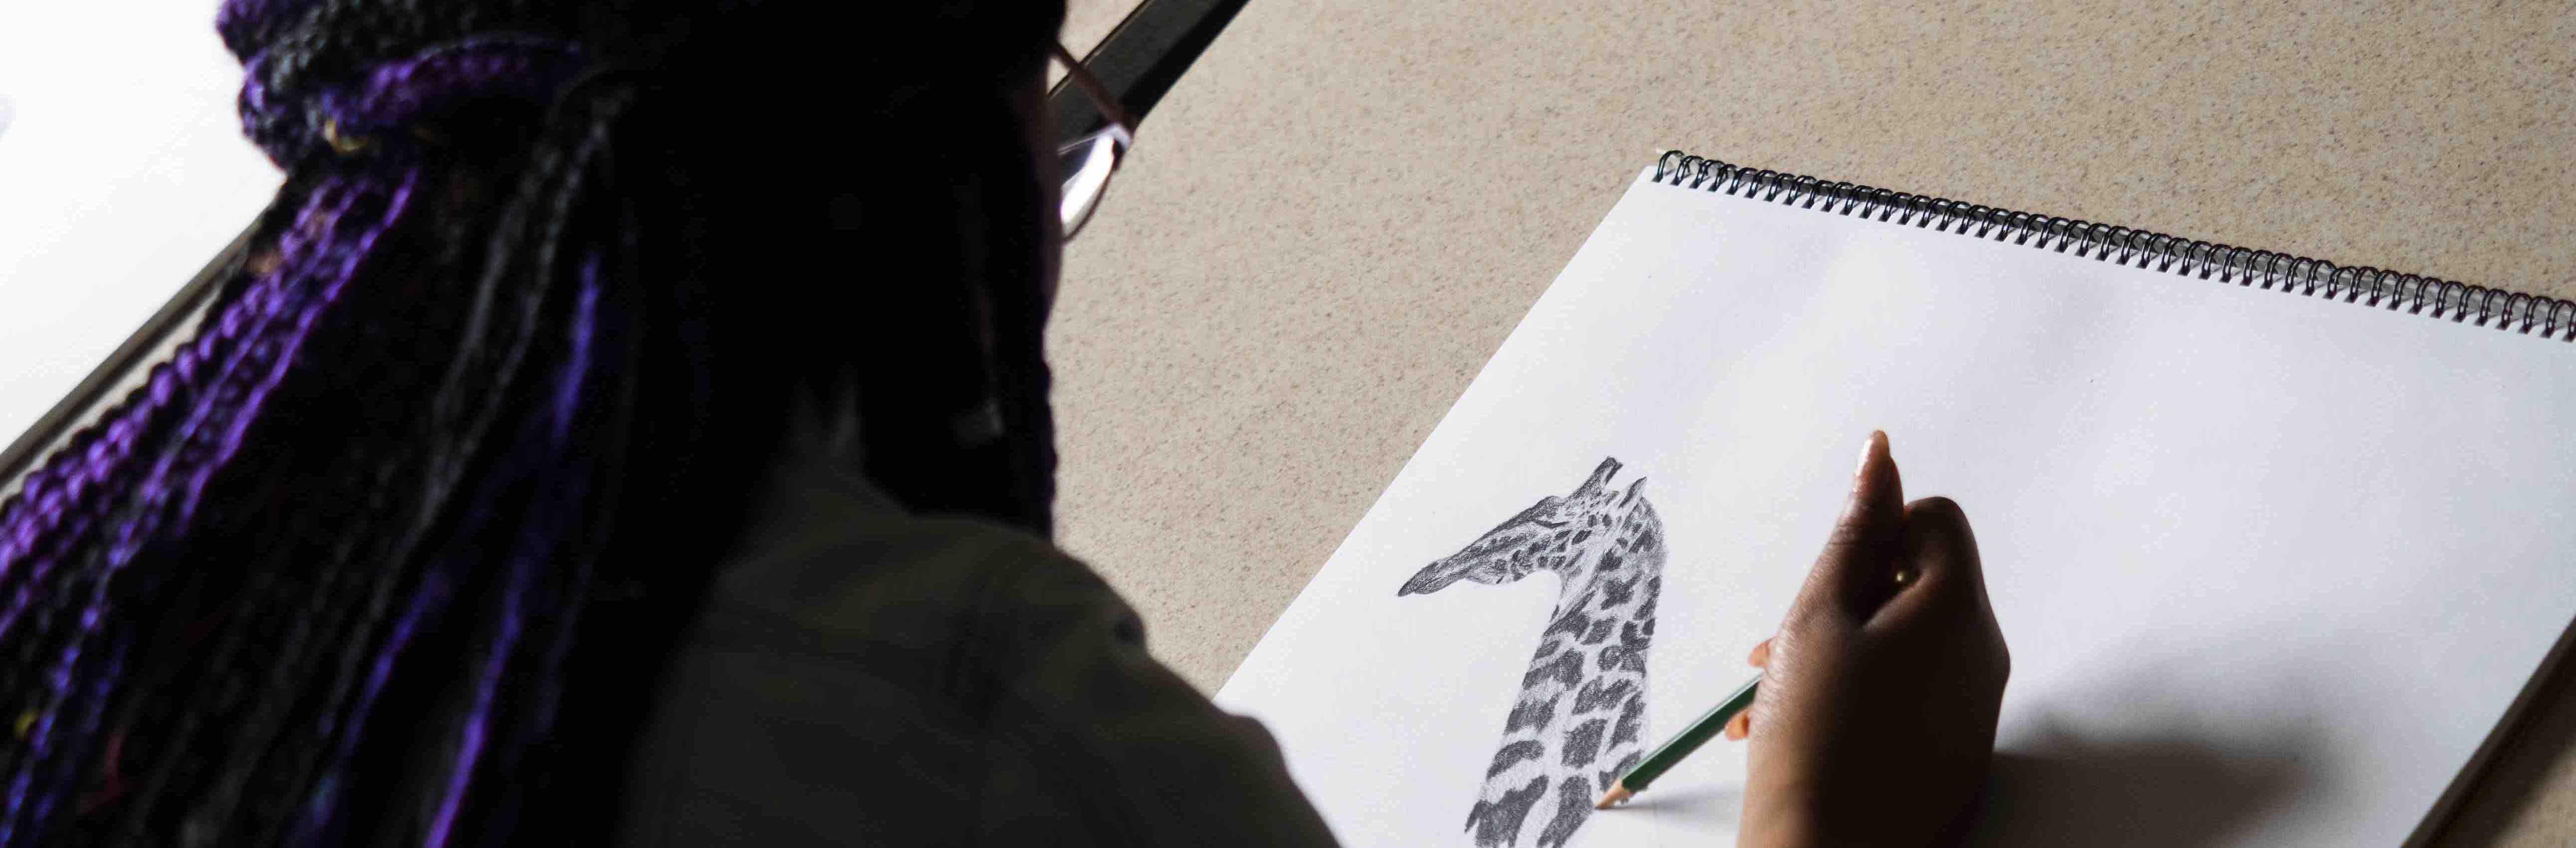 drawing-class-sketching-b.jpg